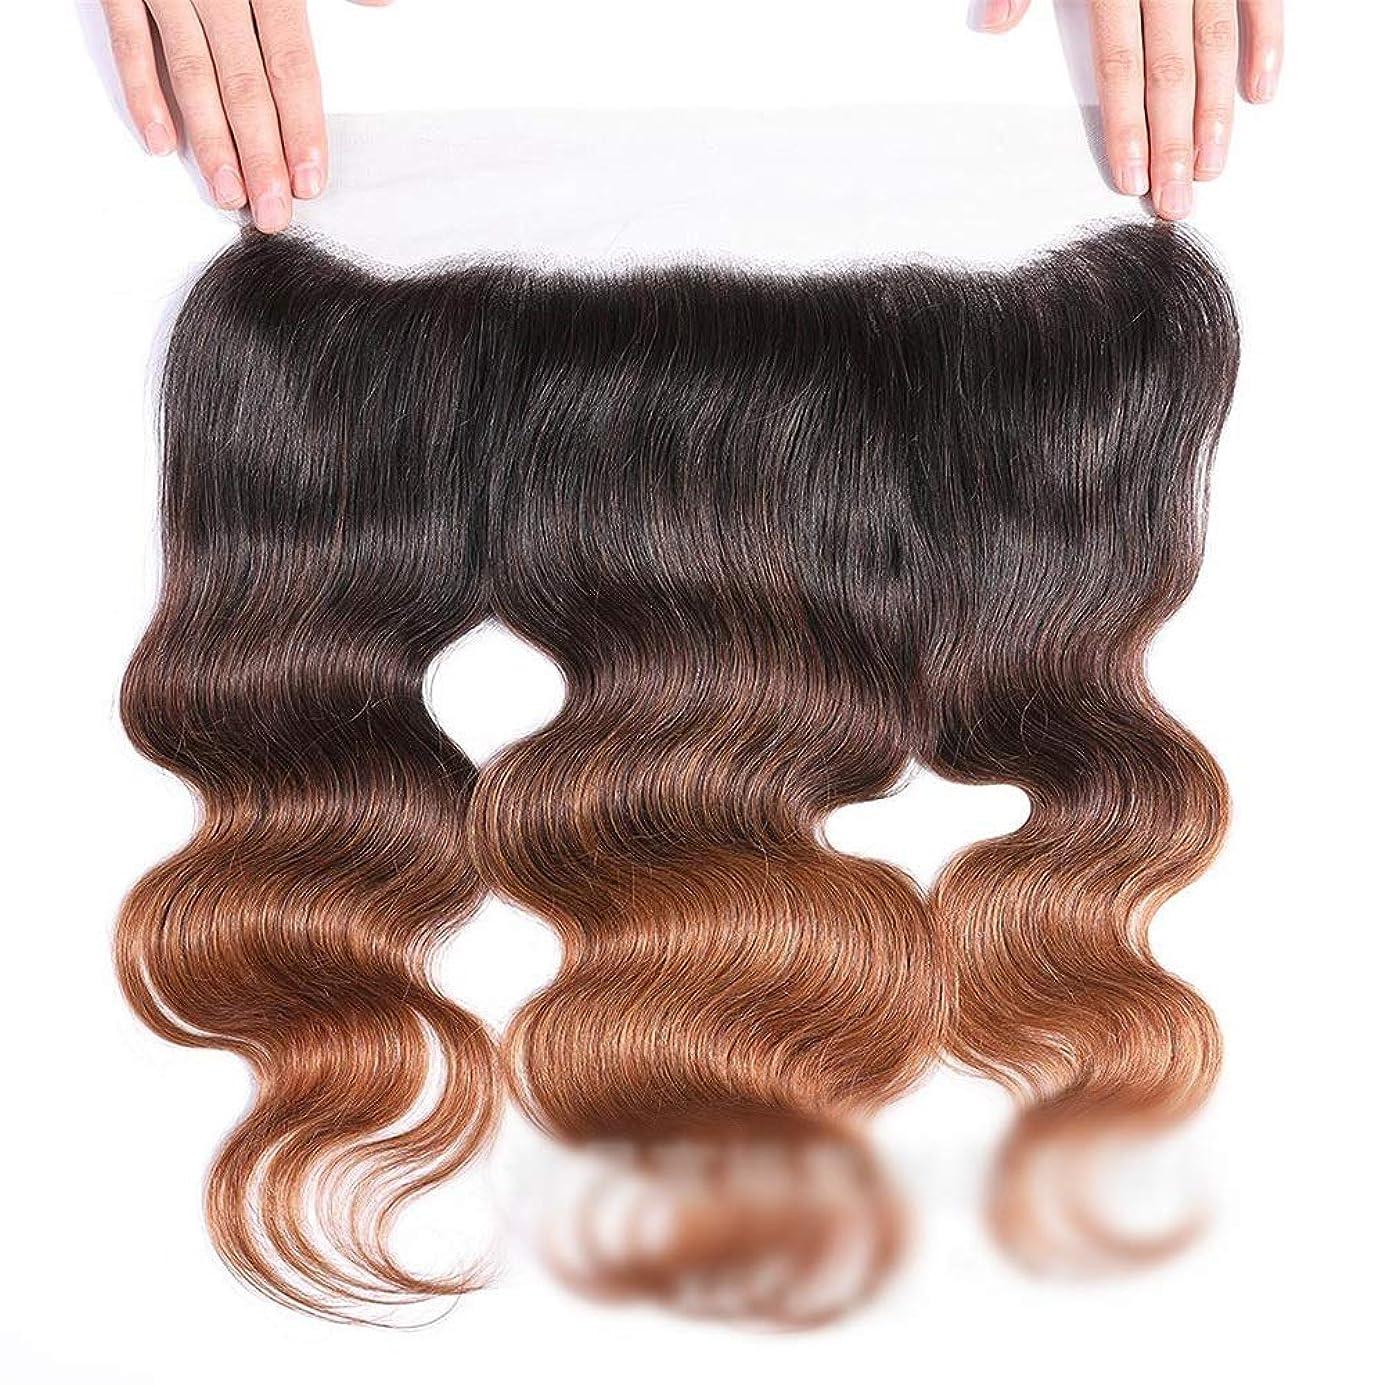 ミリメーターシーケンス鉄道HOHYLLYA 13x4レースの閉鎖ブラジルの実体波人間の髪の毛の自由な部分ブラウンナチュラル探して茶色のかつら長い巻き毛のかつら、 (色 : ブラウン, サイズ : 16 inch)